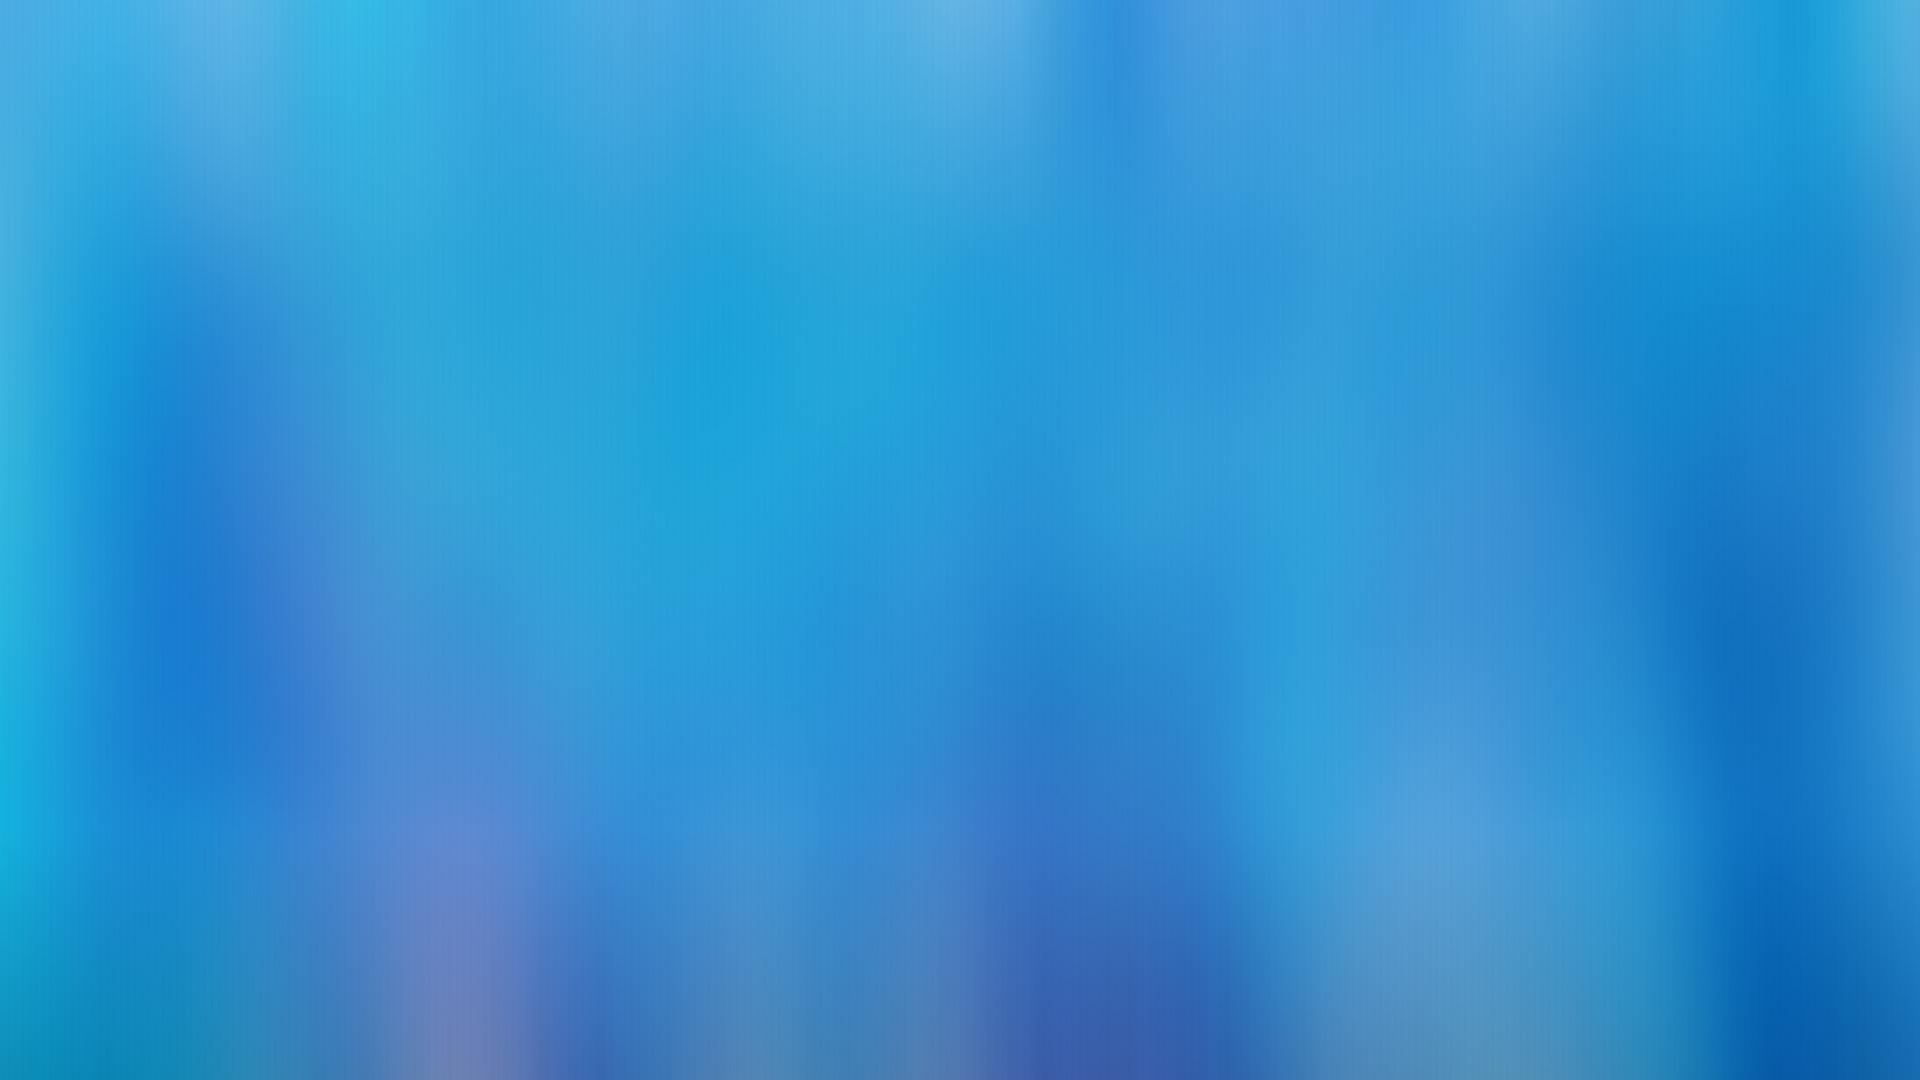 web wallpaper wallpapersafari